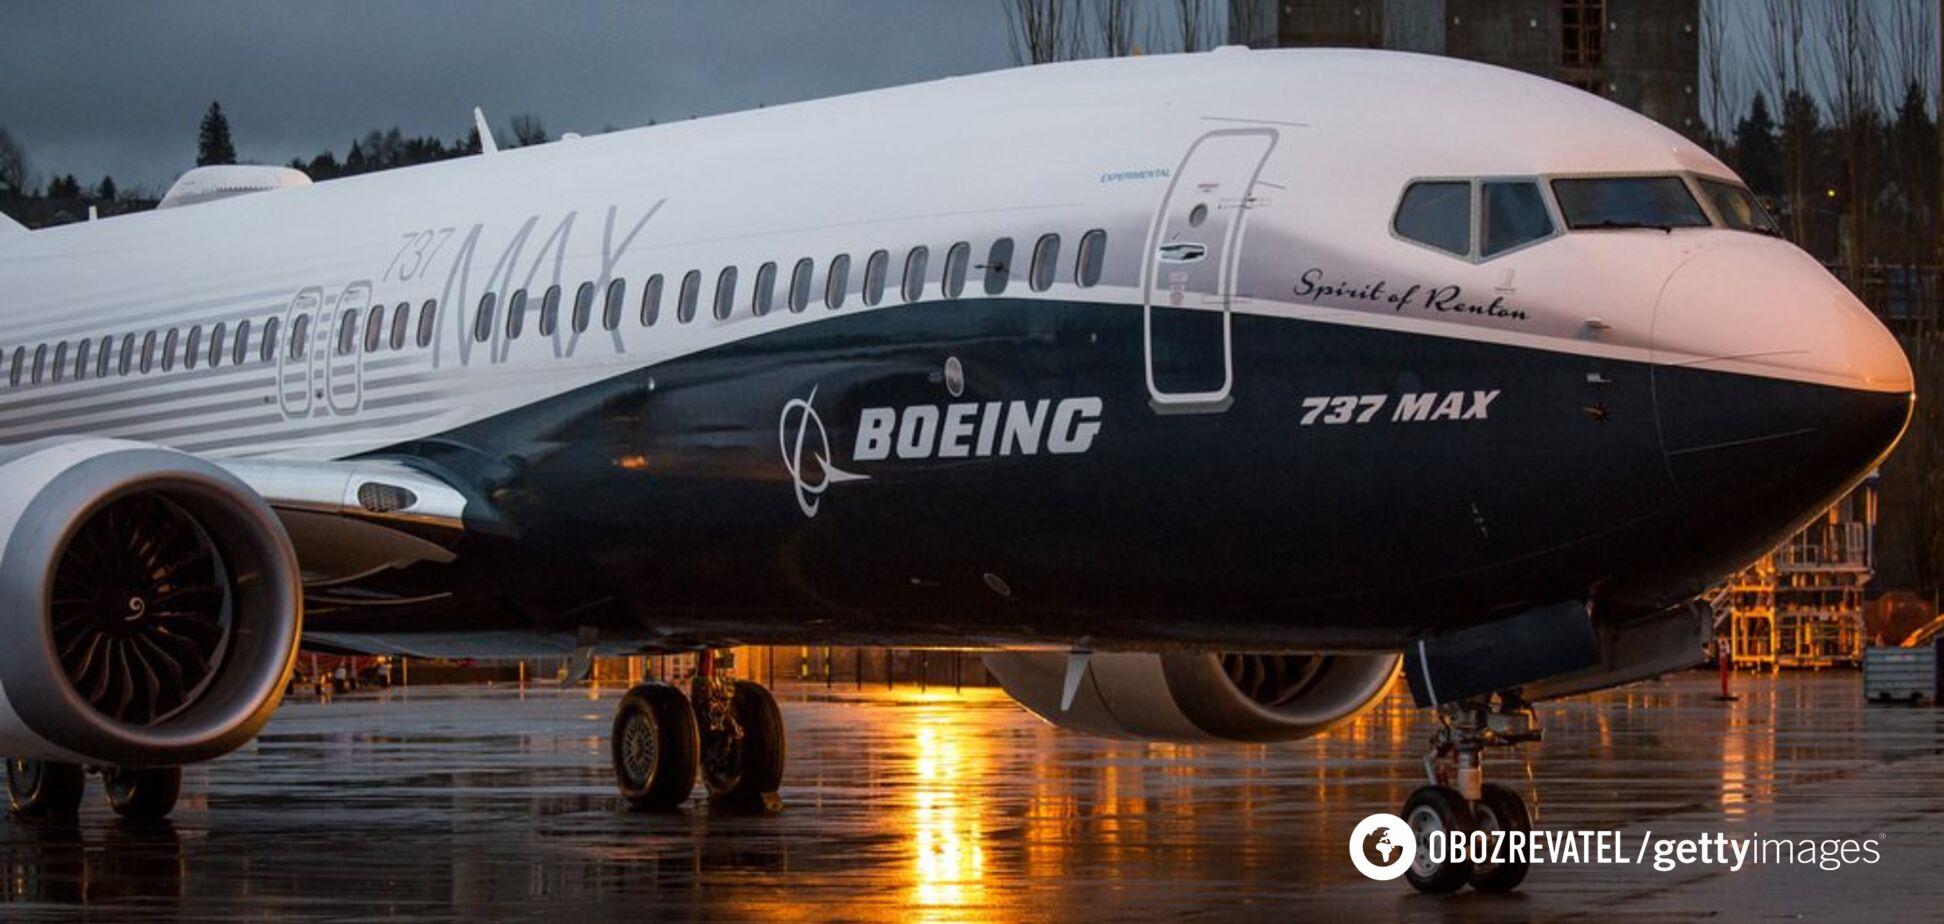 Ніхто не вижив: компанія Boeing отримала найсильніший удар через авіакатастрофу